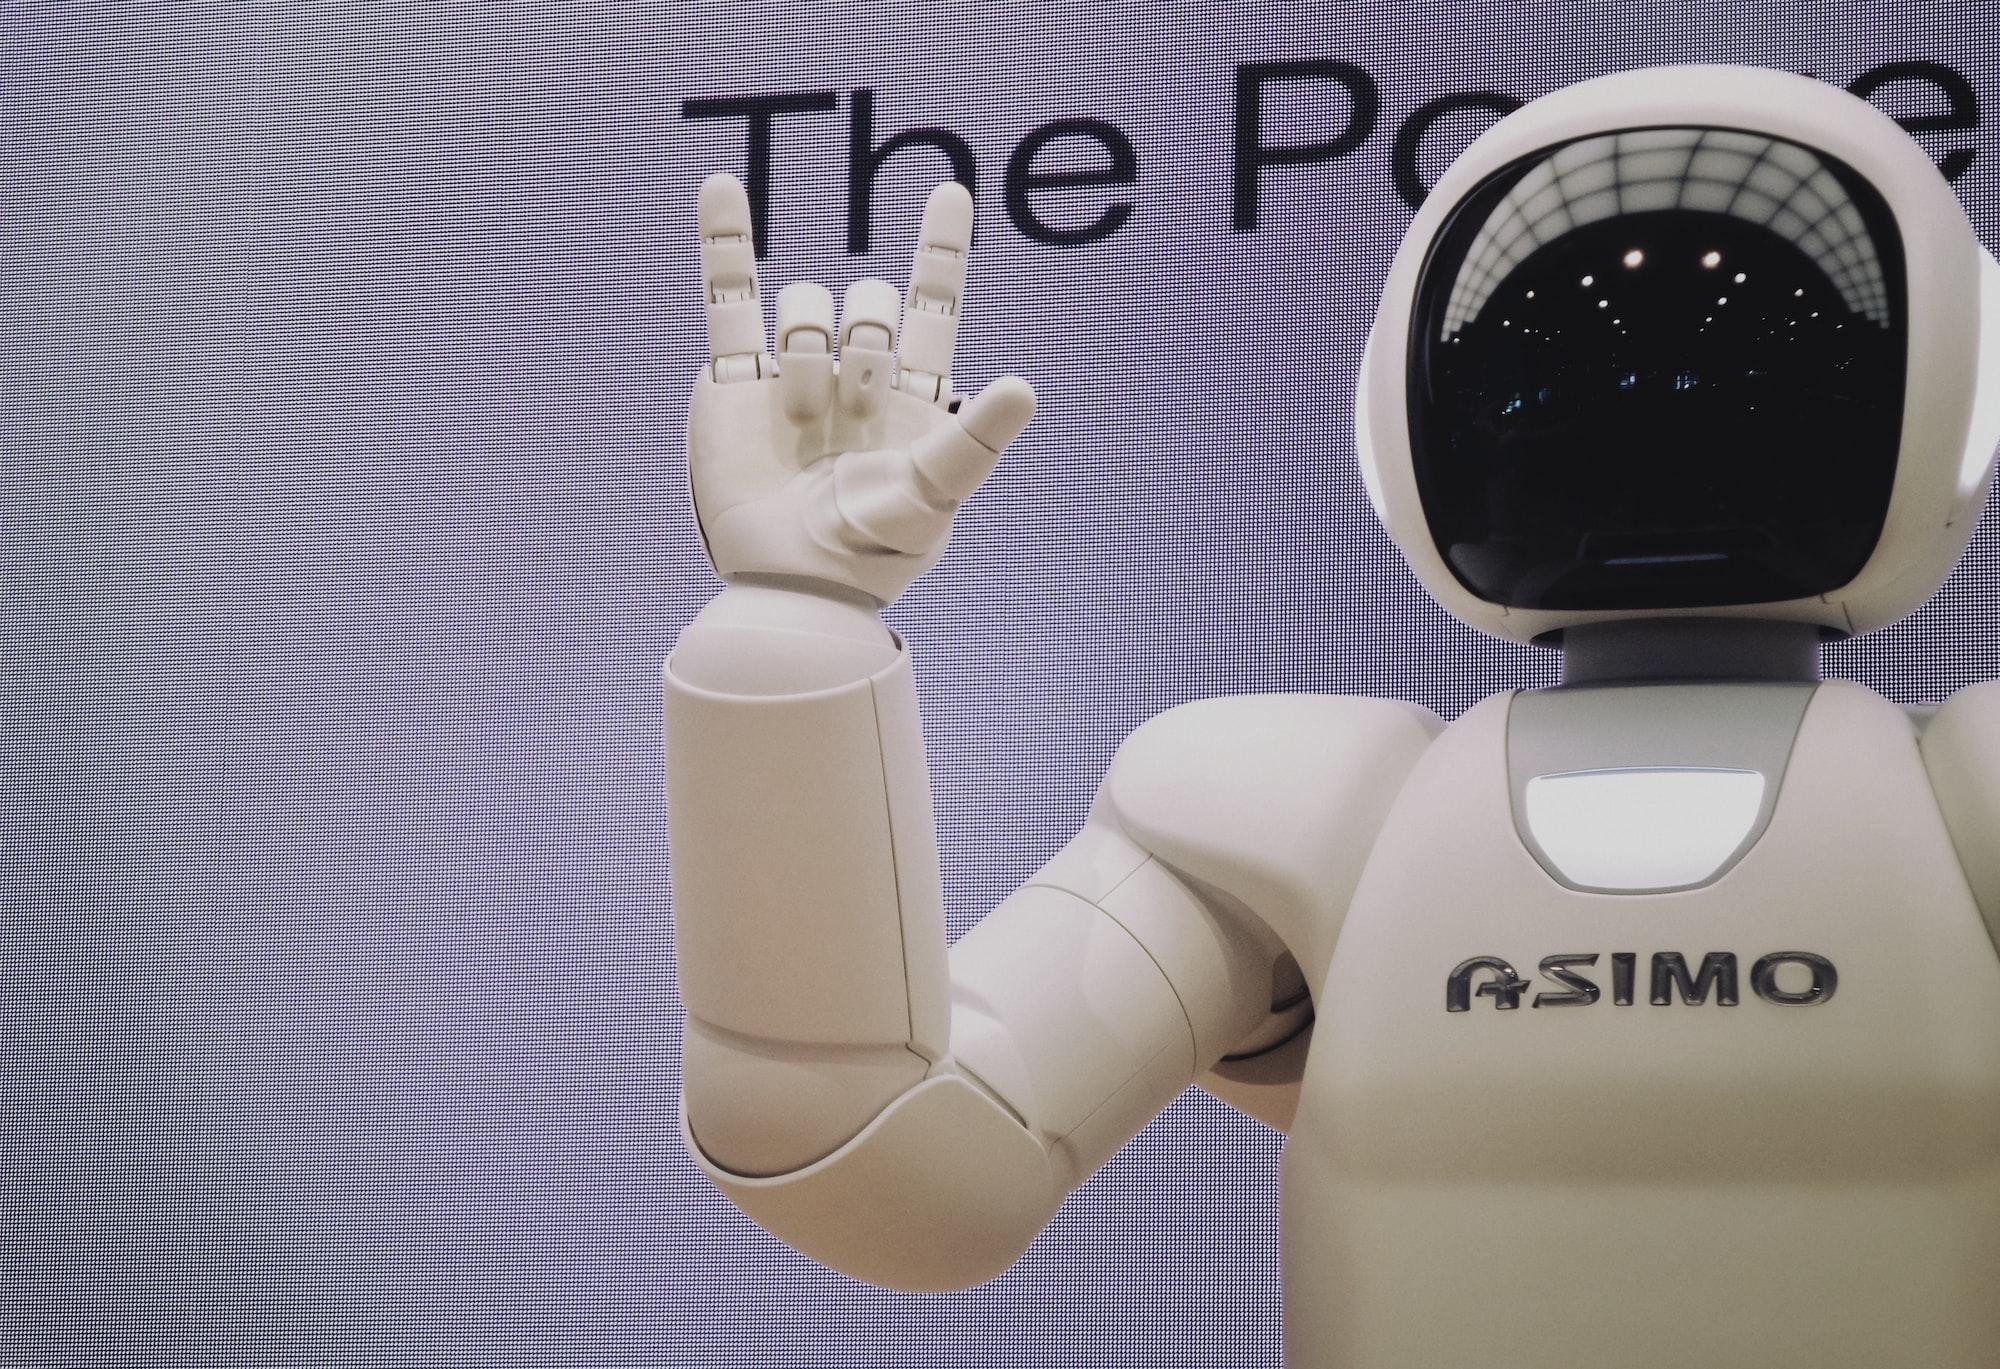 Robô humano com estética de astronauta, todo branco e capacete redondo com viseira escura, fazendo um sinal  com a mçao.